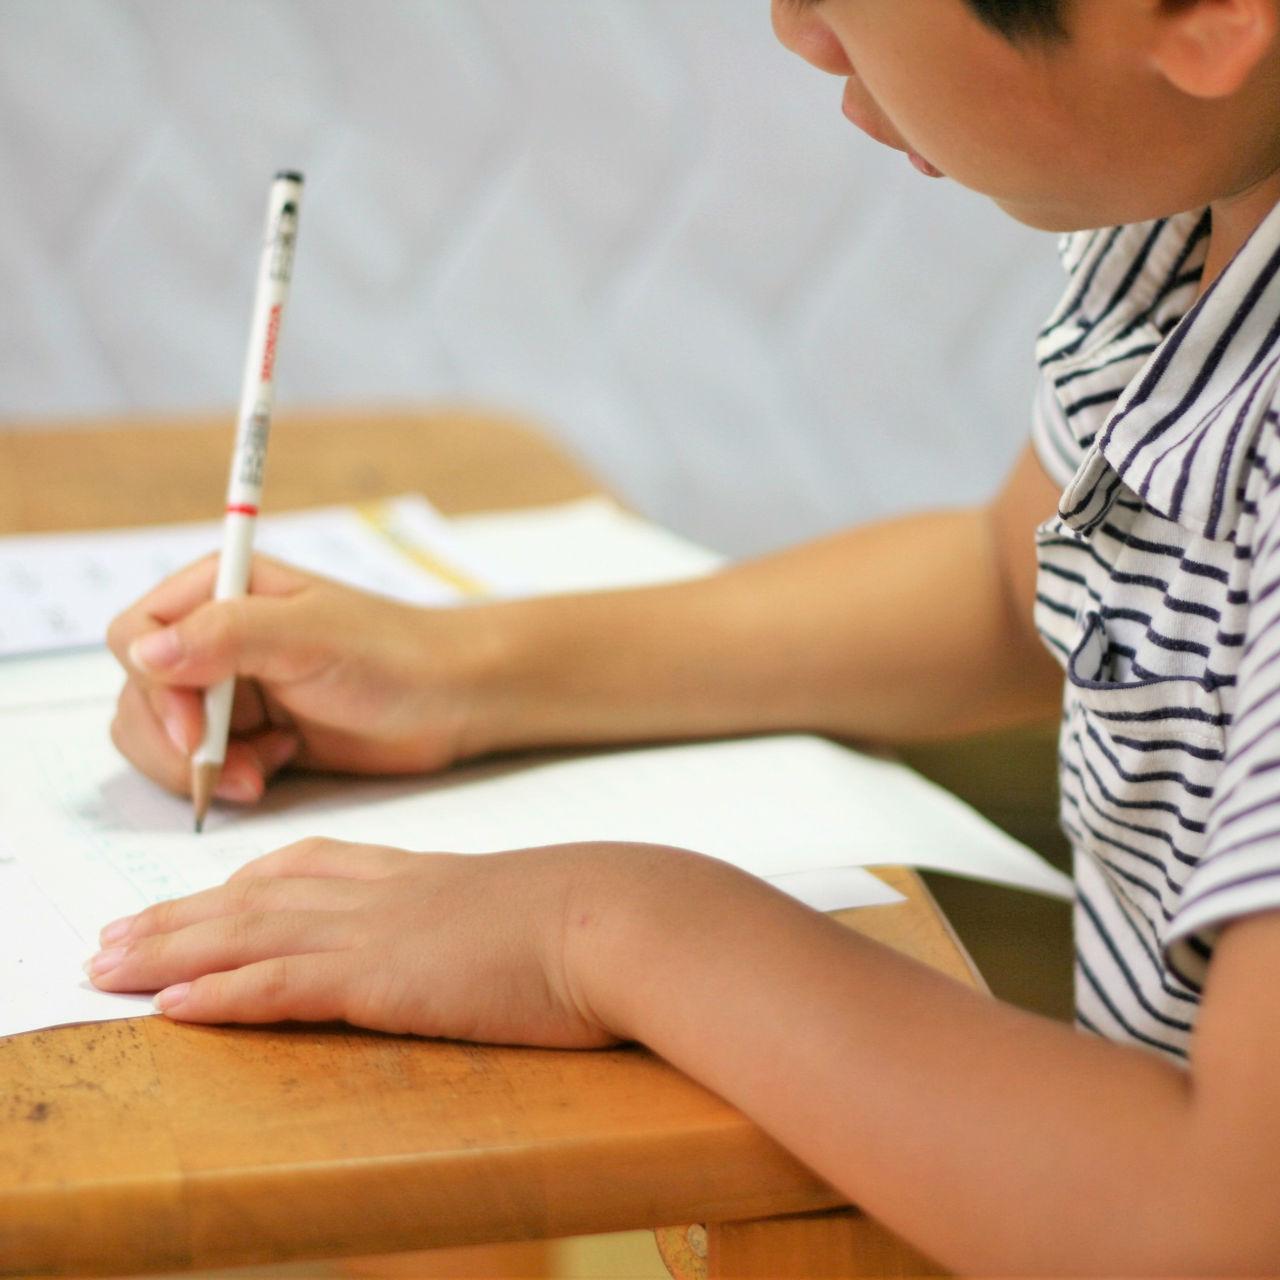 中学入試の問題がおもしろすぎる! <br />大学入試改革の影響で「思考力」をはかる方向に